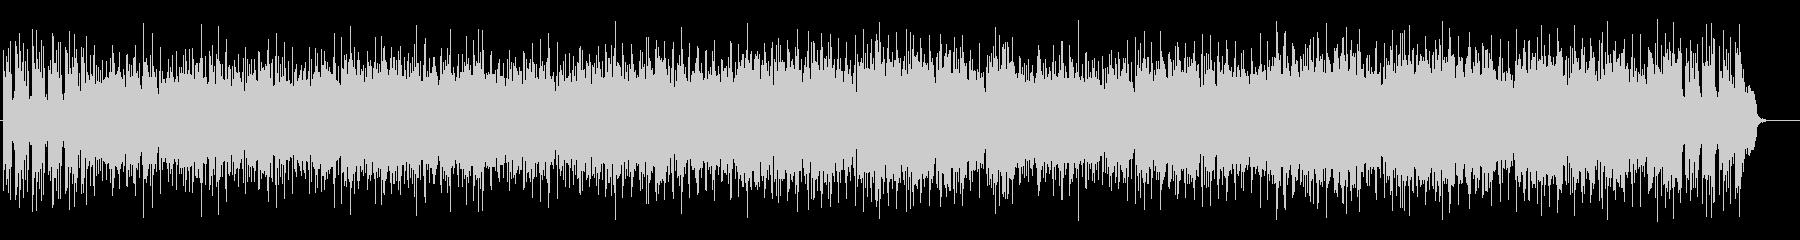 軽快なポップフュージョン(フルサイズ)の未再生の波形